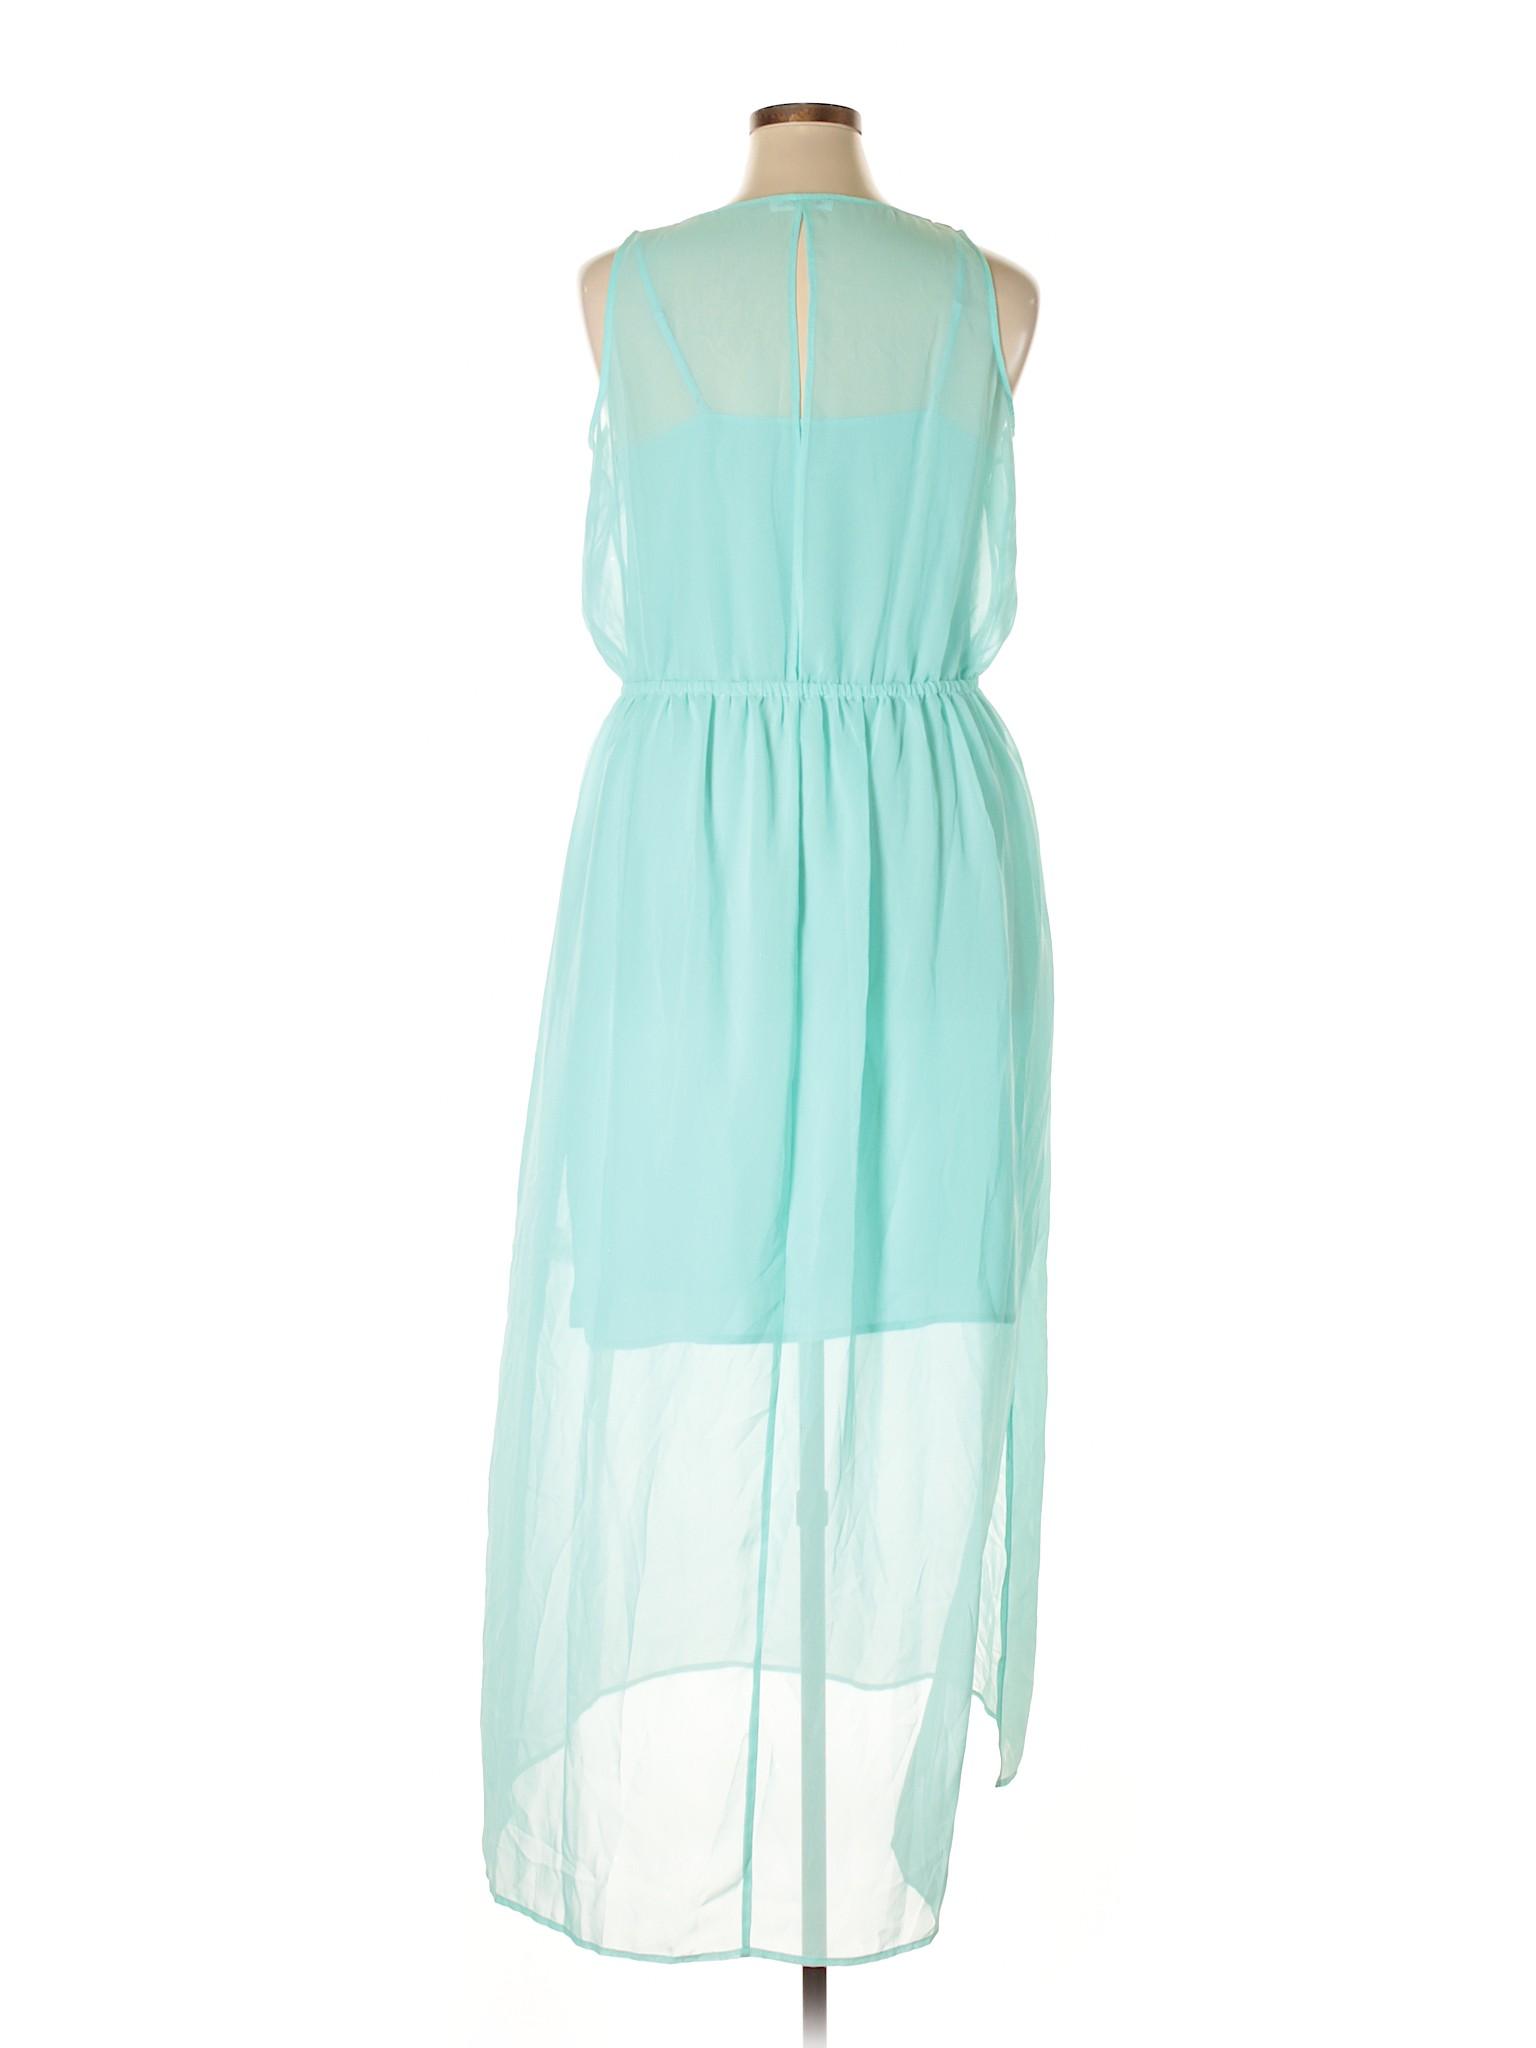 Klein Casual Calvin winter Dress Boutique 8Xqg7xEE